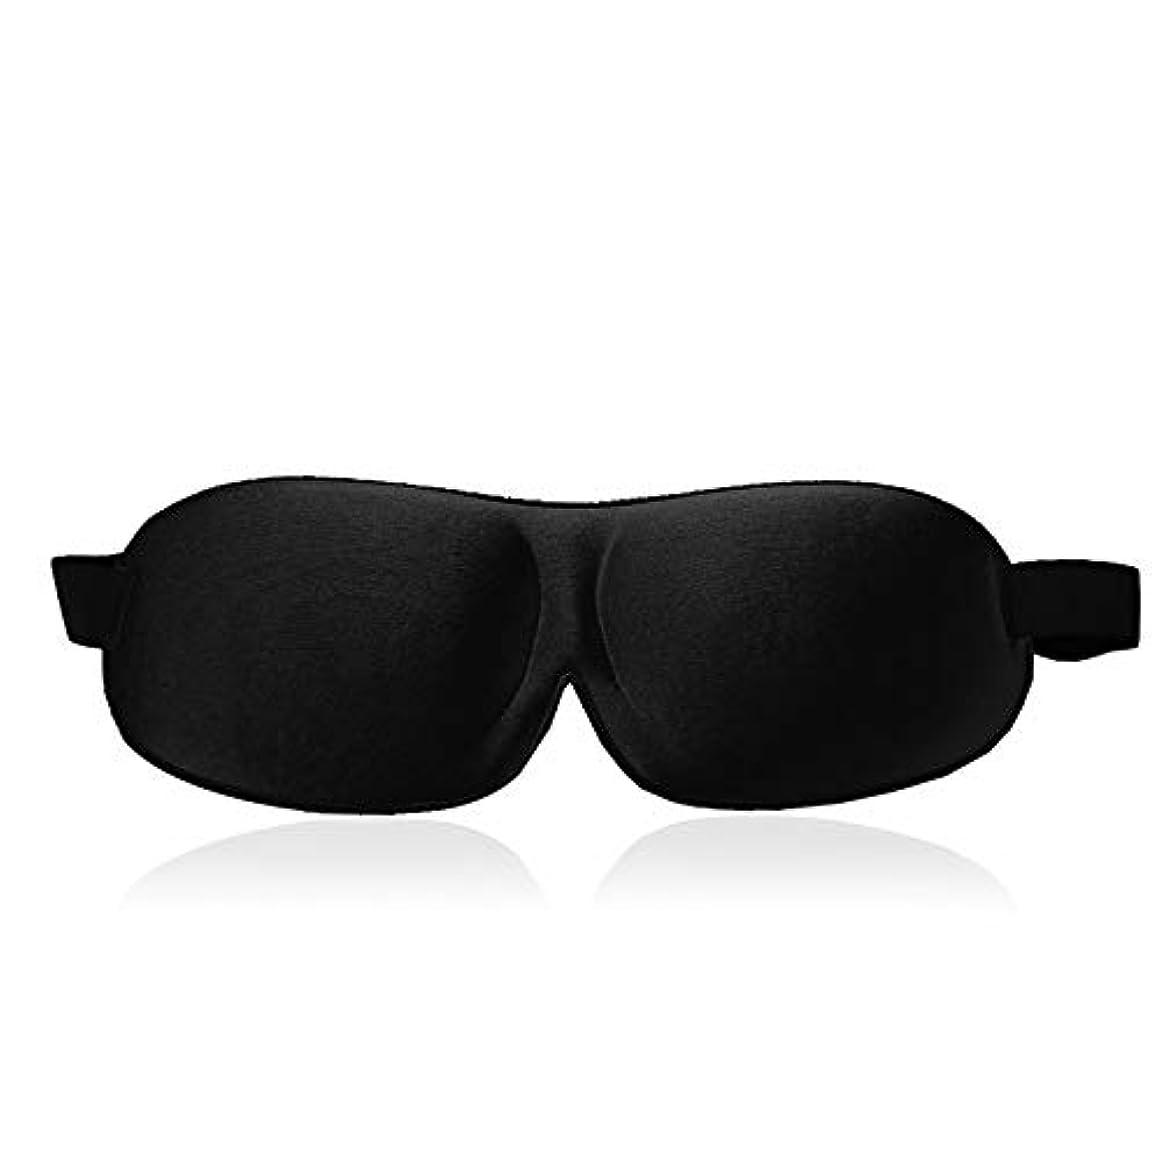 コード速度誕生NOTE 旅行のための新しい3D睡眠アイマスクシェーディングゴーグル睡眠補助軽量15グラムソフトカバーアイパッチ男性女性